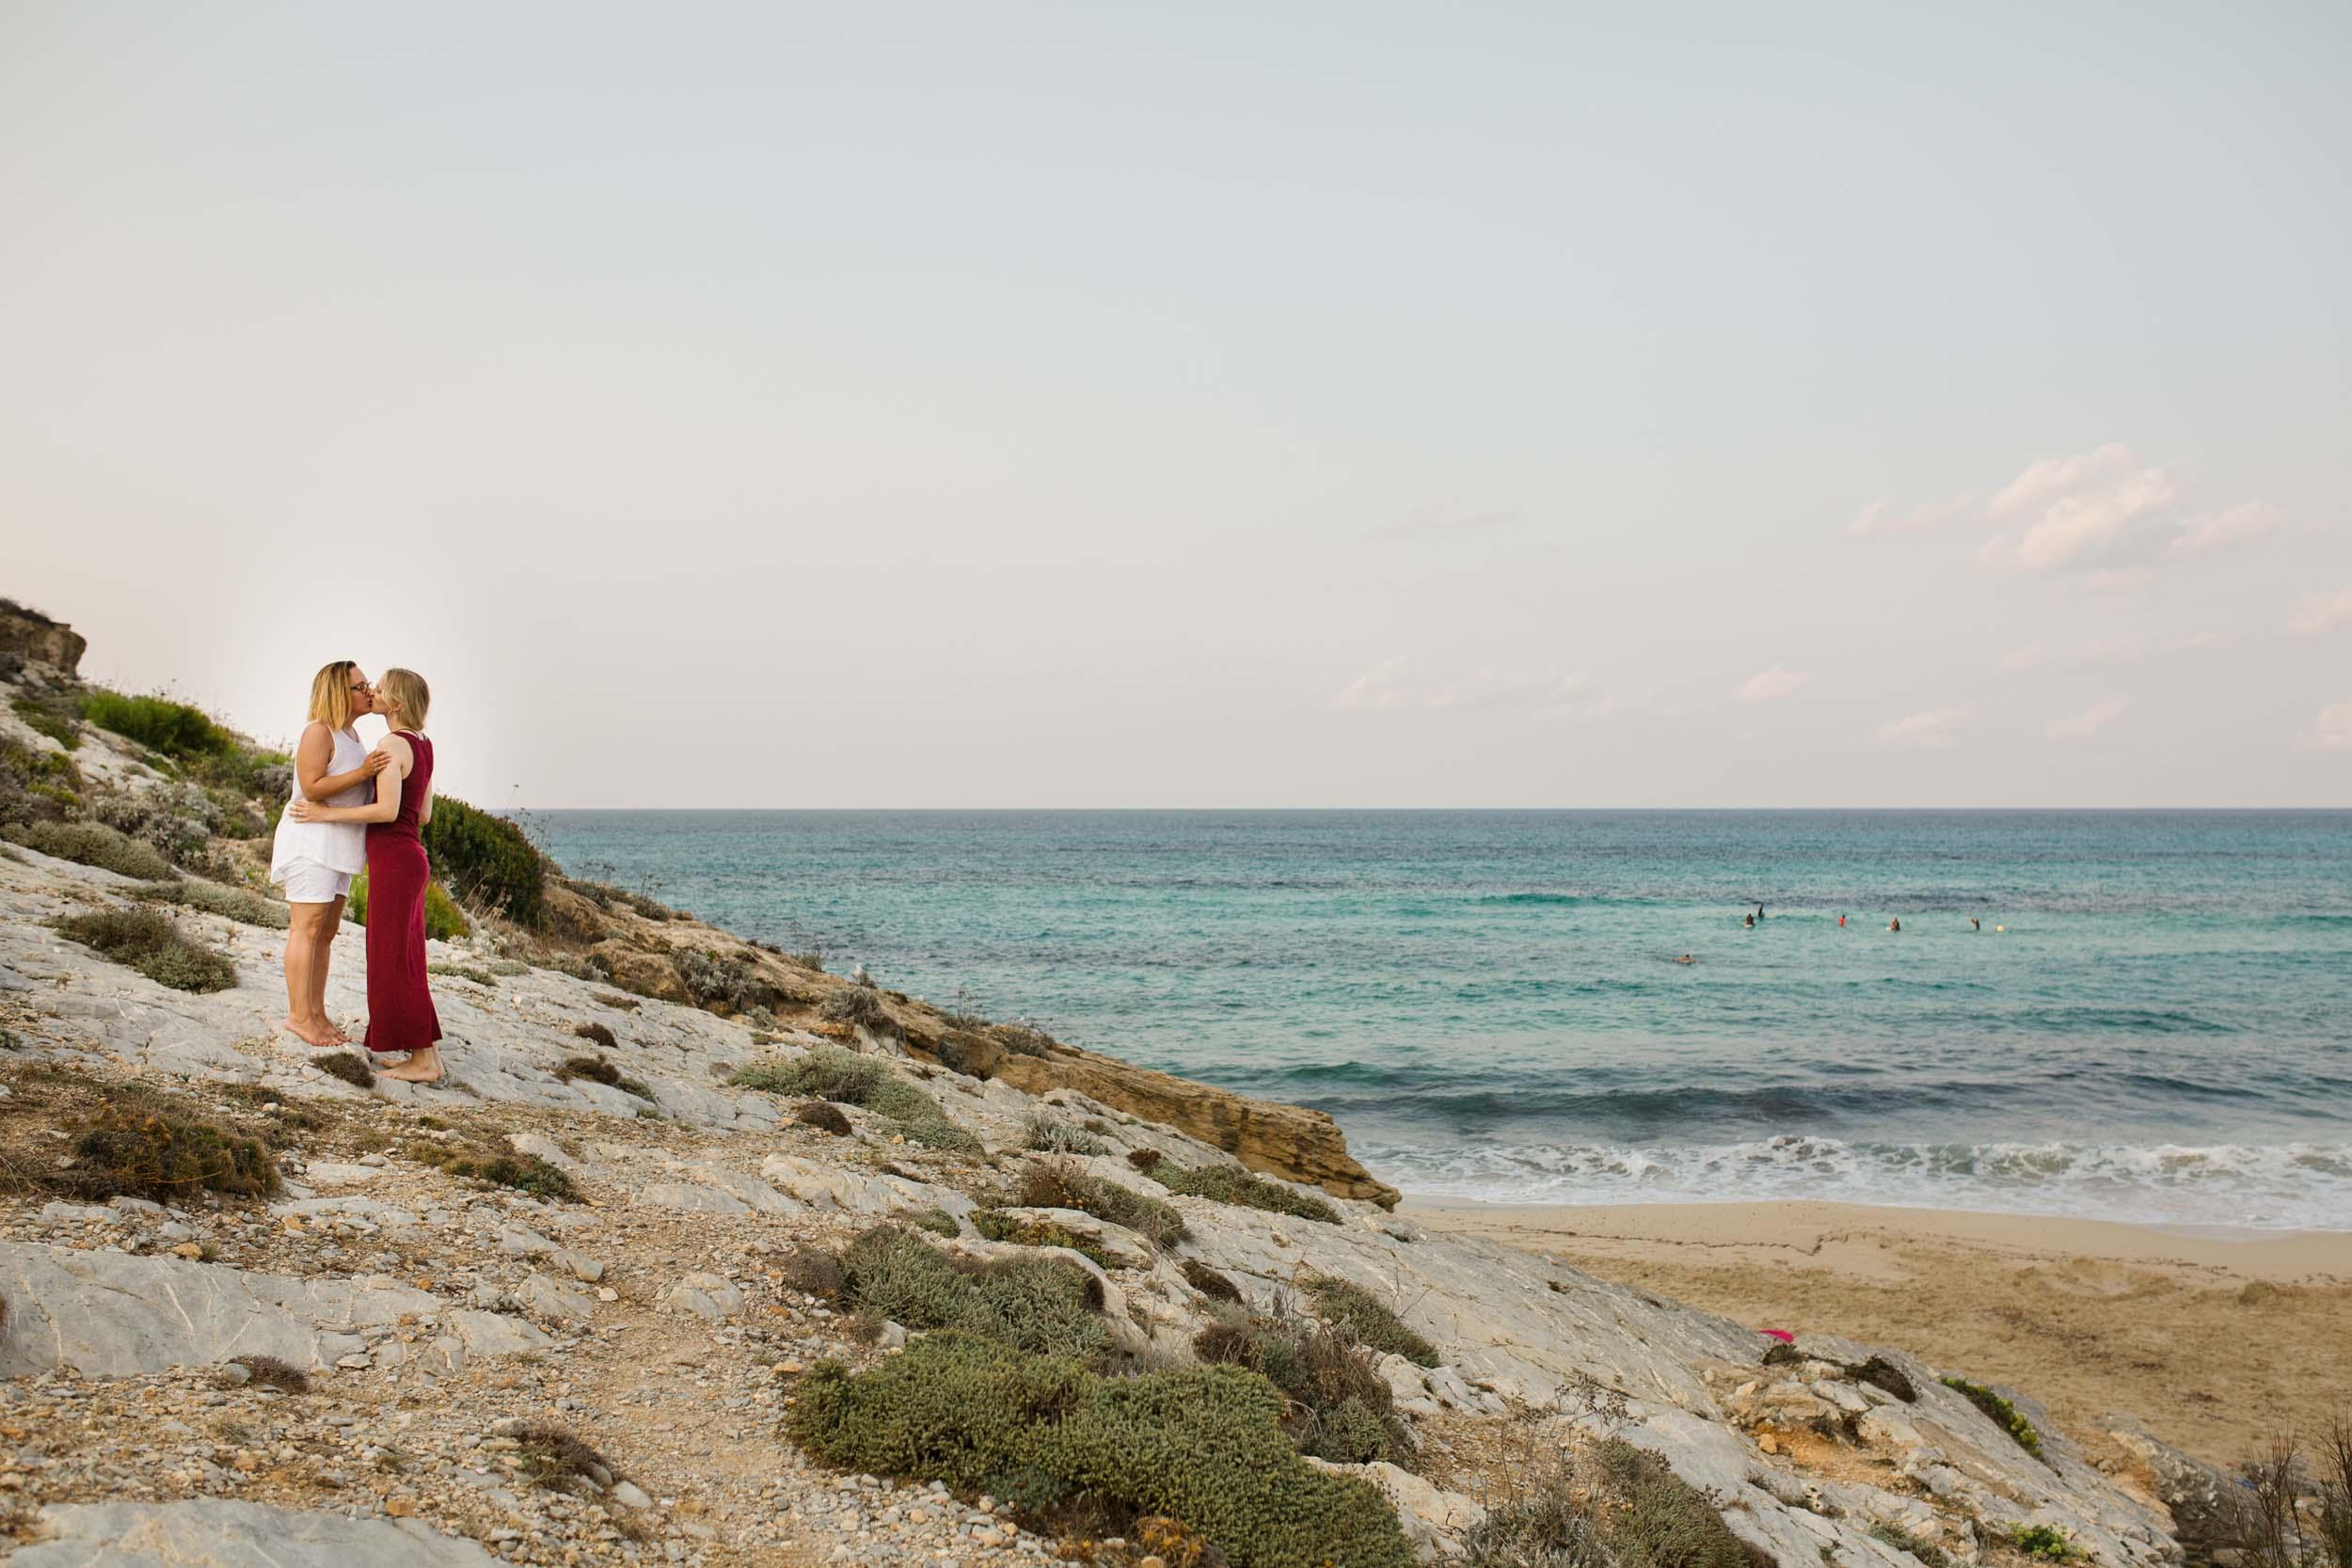 Flytographer Emma in Palma de Mallorca